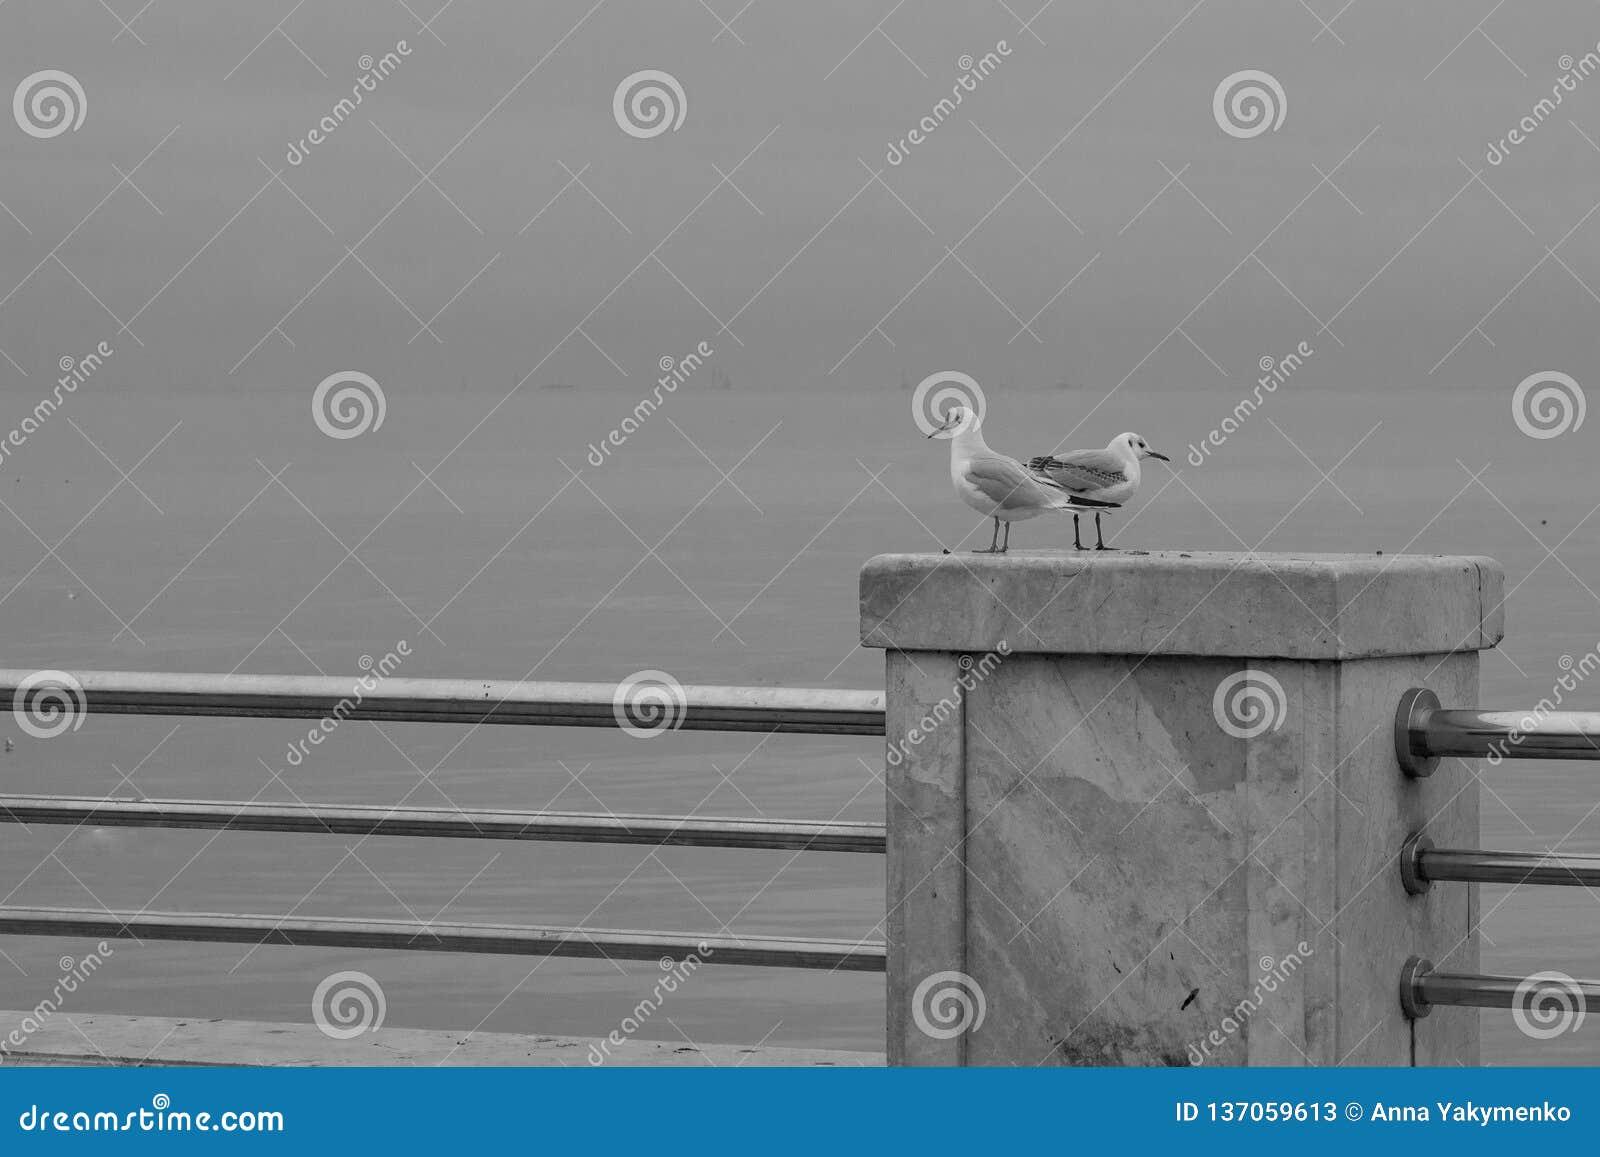 Mouettes debout sur la balustrade du remblai, bord de mer sur le fond de la mer